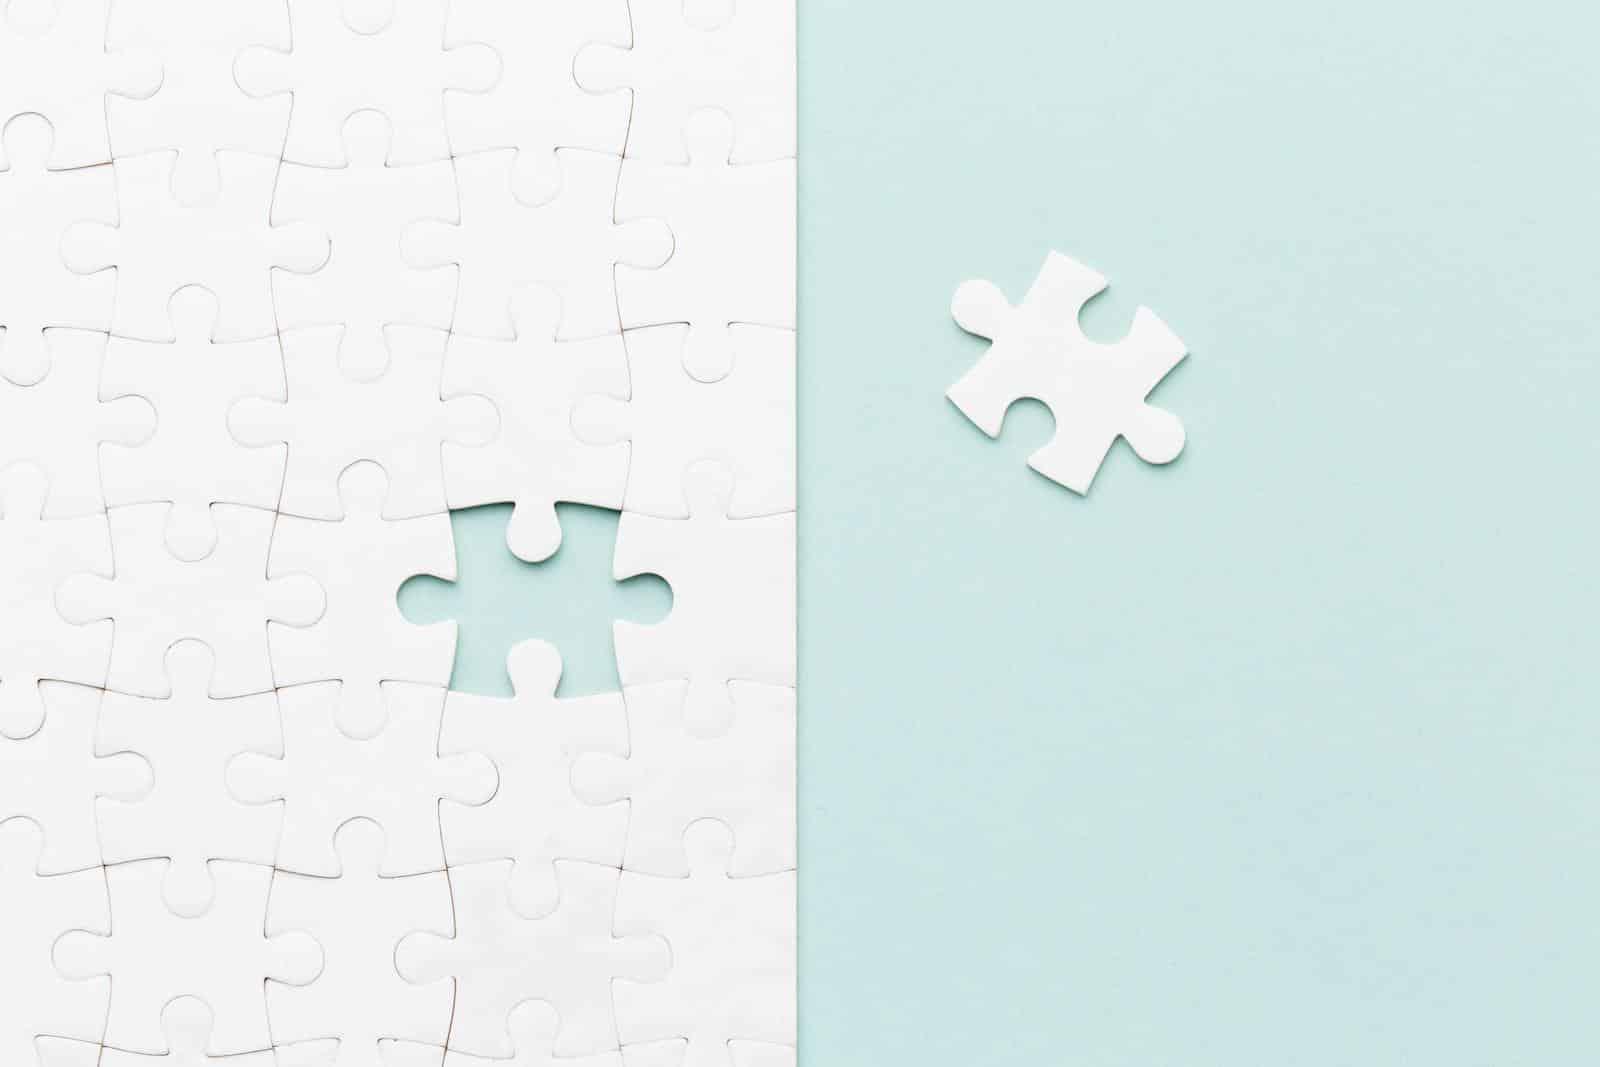 Immagine di un puzzle